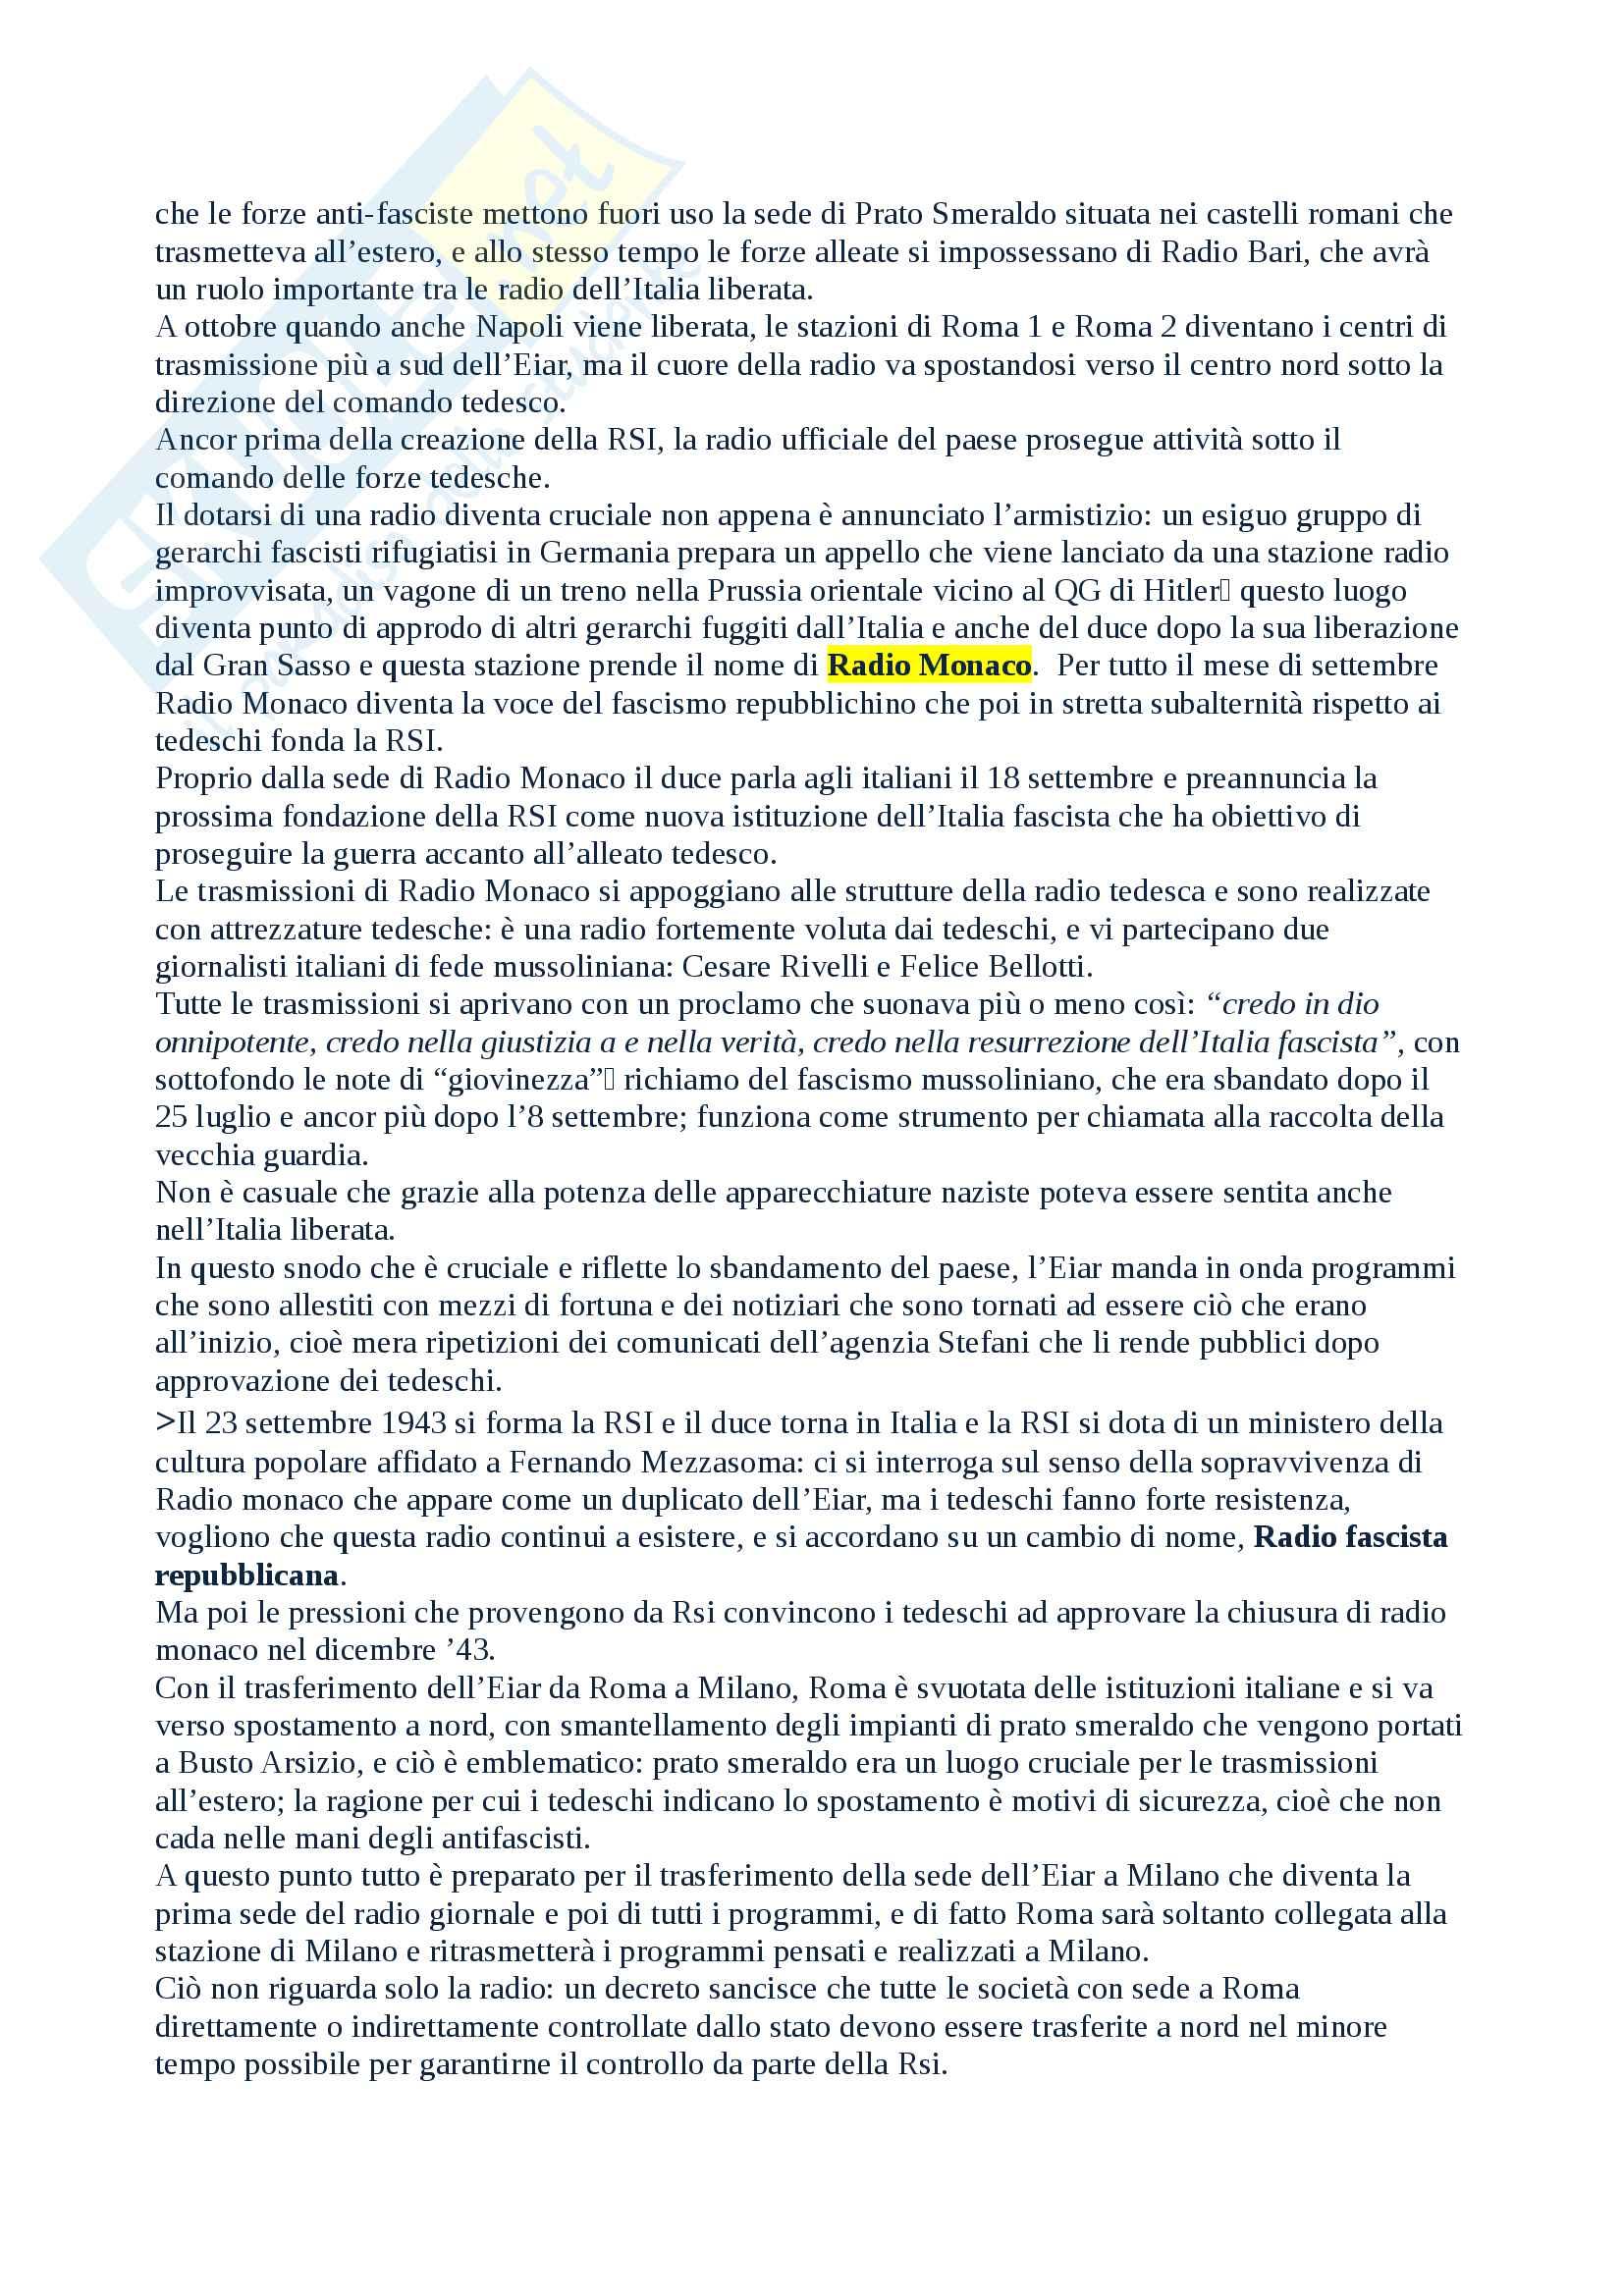 Salvatici Storia della radio e della televisione Pag. 31